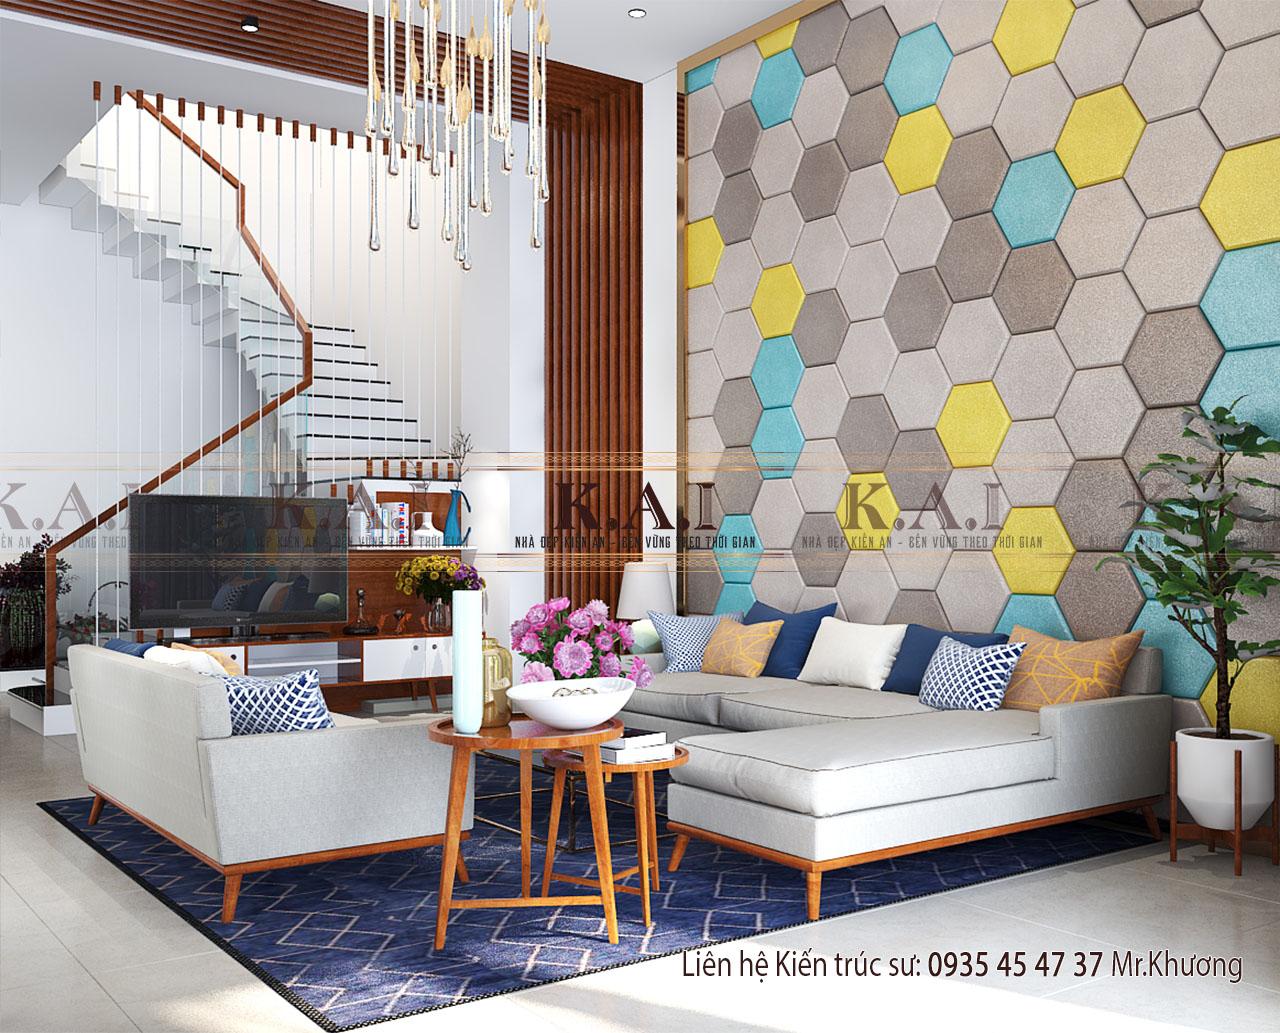 Thiết kế nội thất nhà đẹp hiện đại cho biệt thự tại Tây Ninh